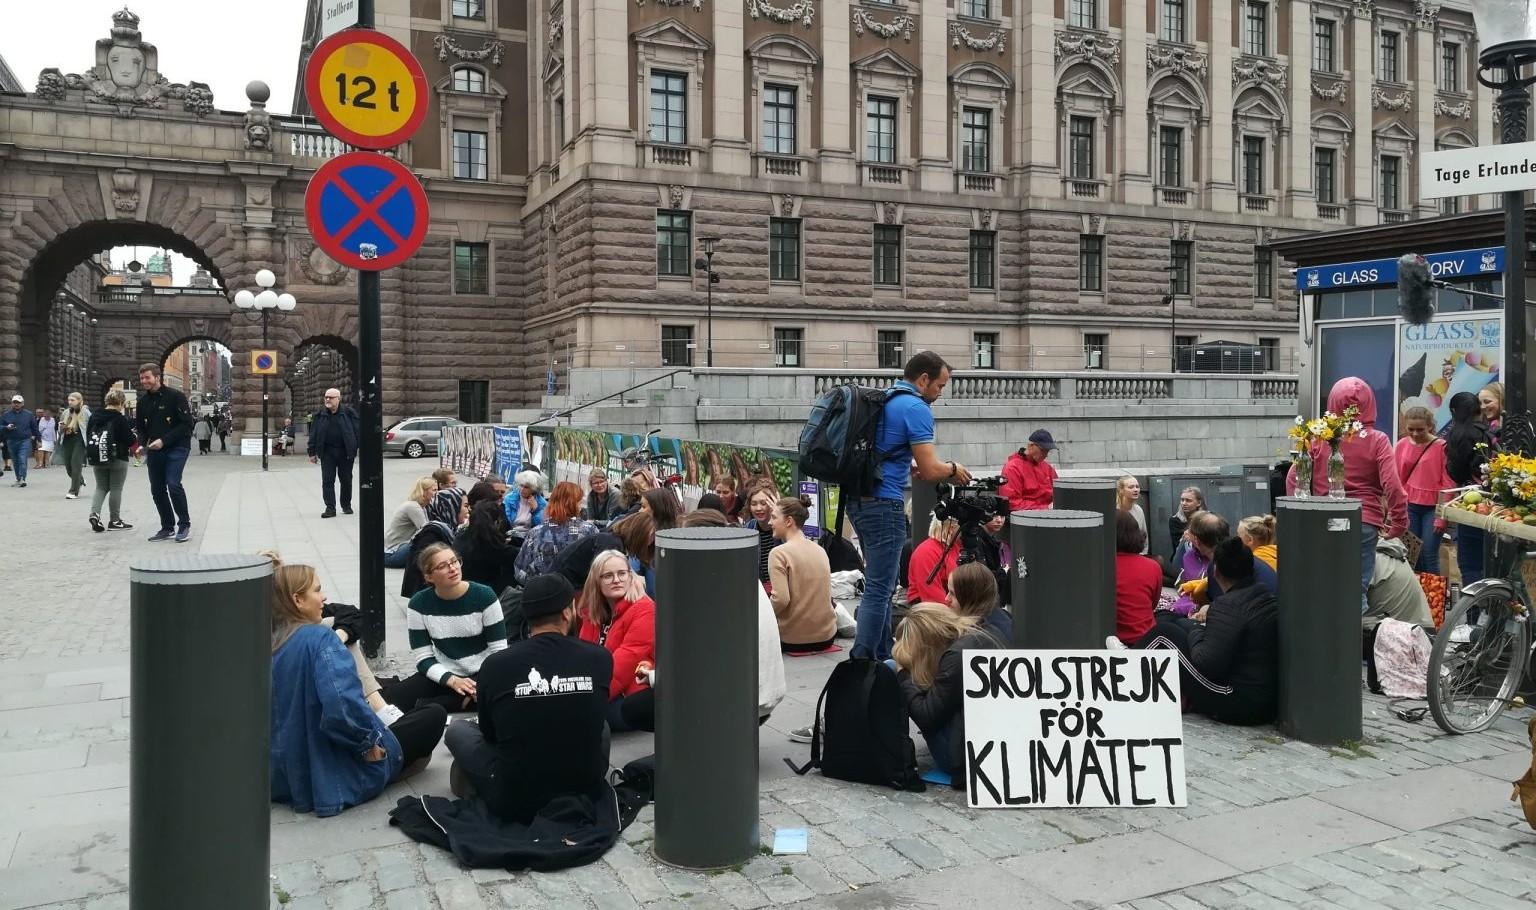 グレタさんを生んだスウェーデンの若者参画社会-なぜ、社会が子ども・若者団体に投資しているのか?